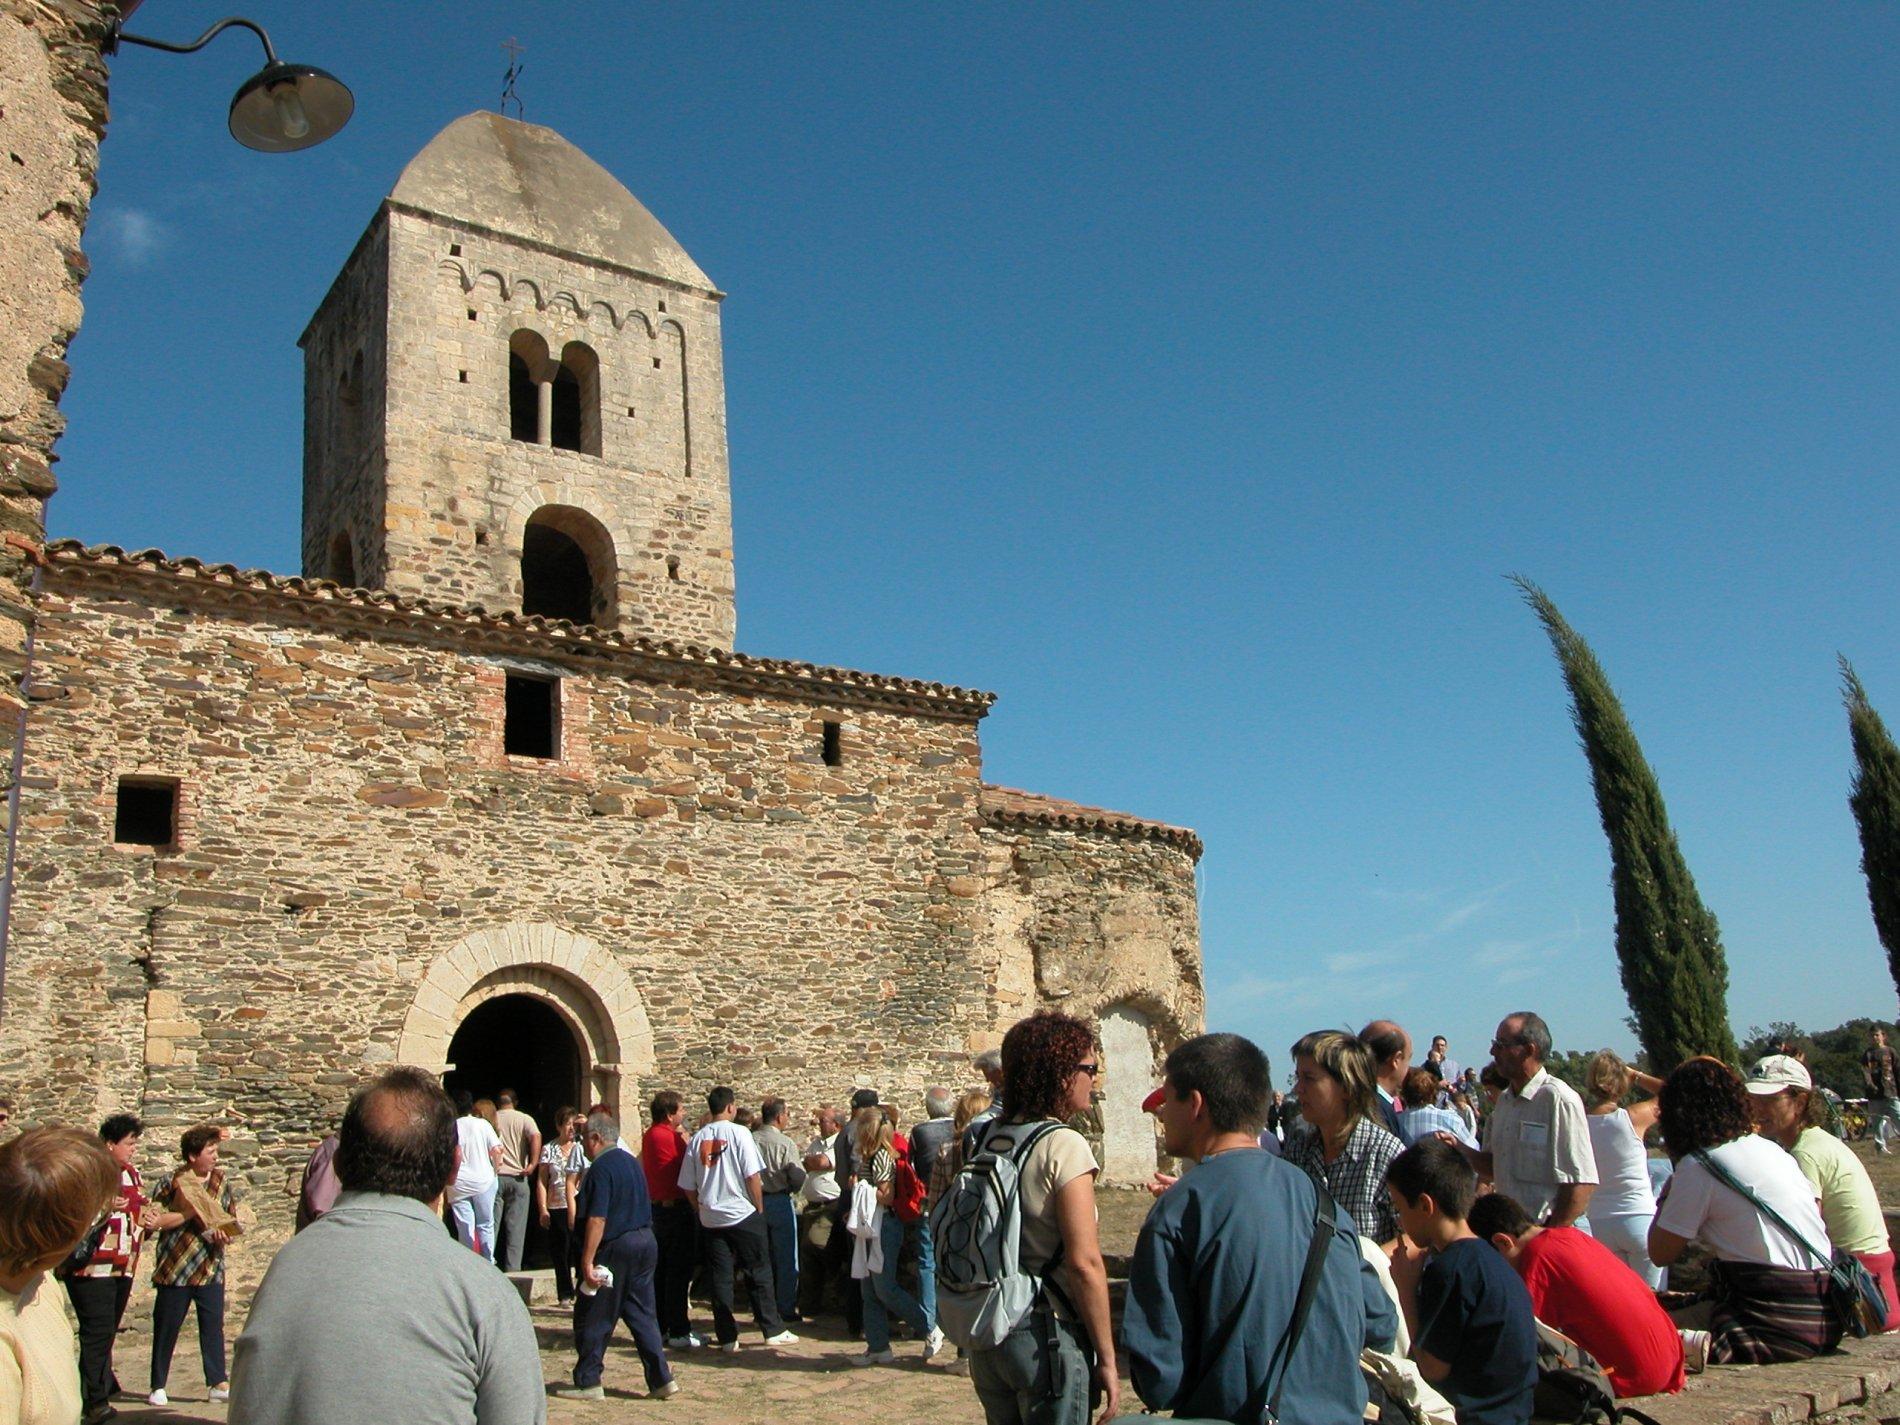 Santa Coloma de Fitor és una antiga església parroquial del segle X situada al cor de les Gavarres; on, cada any, al tercer diumenge d'octubre es celebra el seu tradicional aplec.